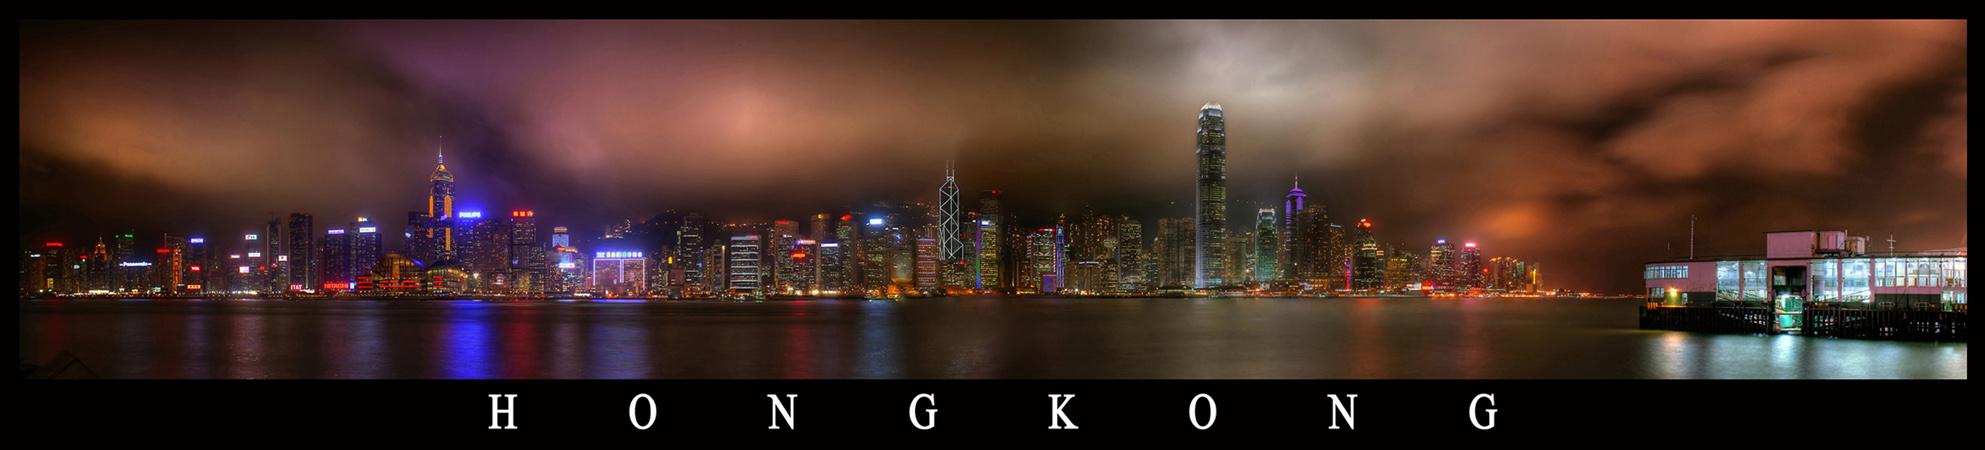 Hong Kong - Skyline